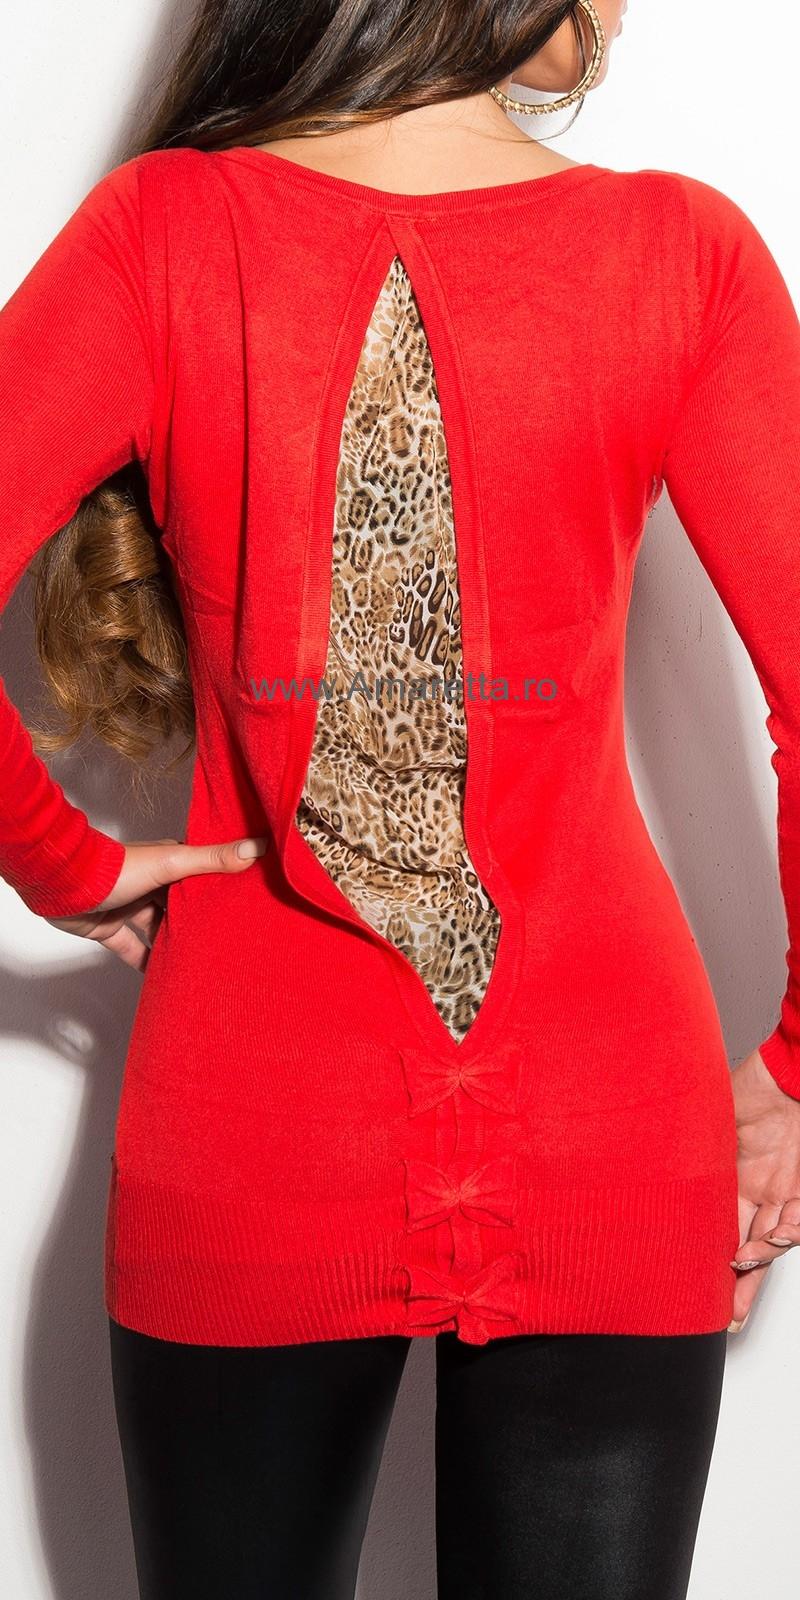 Pulovere lungi sexy cu leopard-imprimeu pe spate